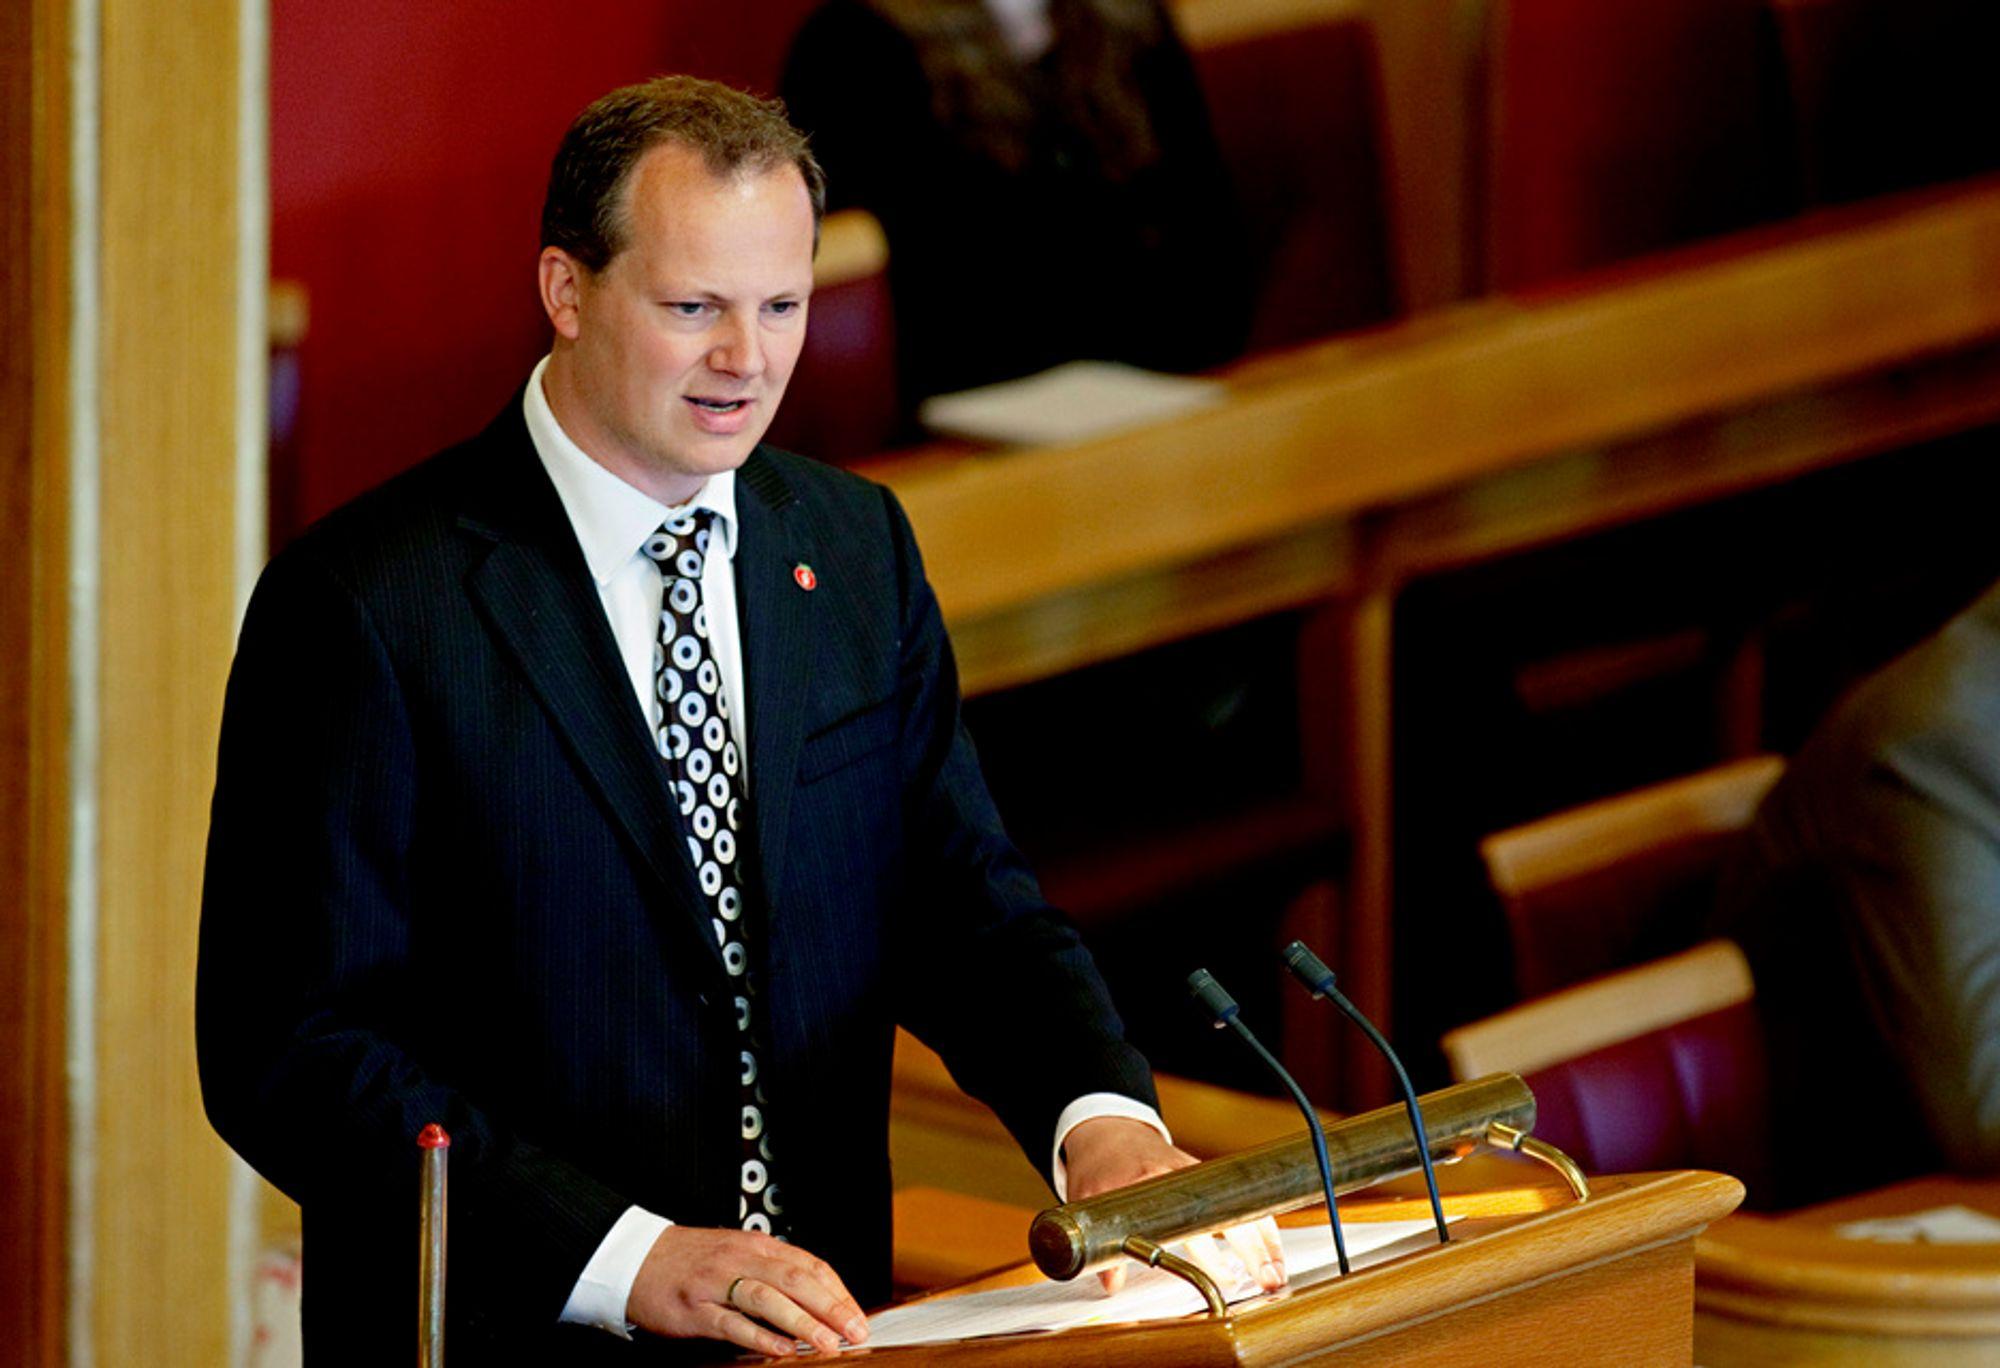 MÅ STYRE SELV: Fremskrittspartiets Ketil Solvik-Olsen mener det er bra at regjeringen ikke tør å detaljstyre Statoil.